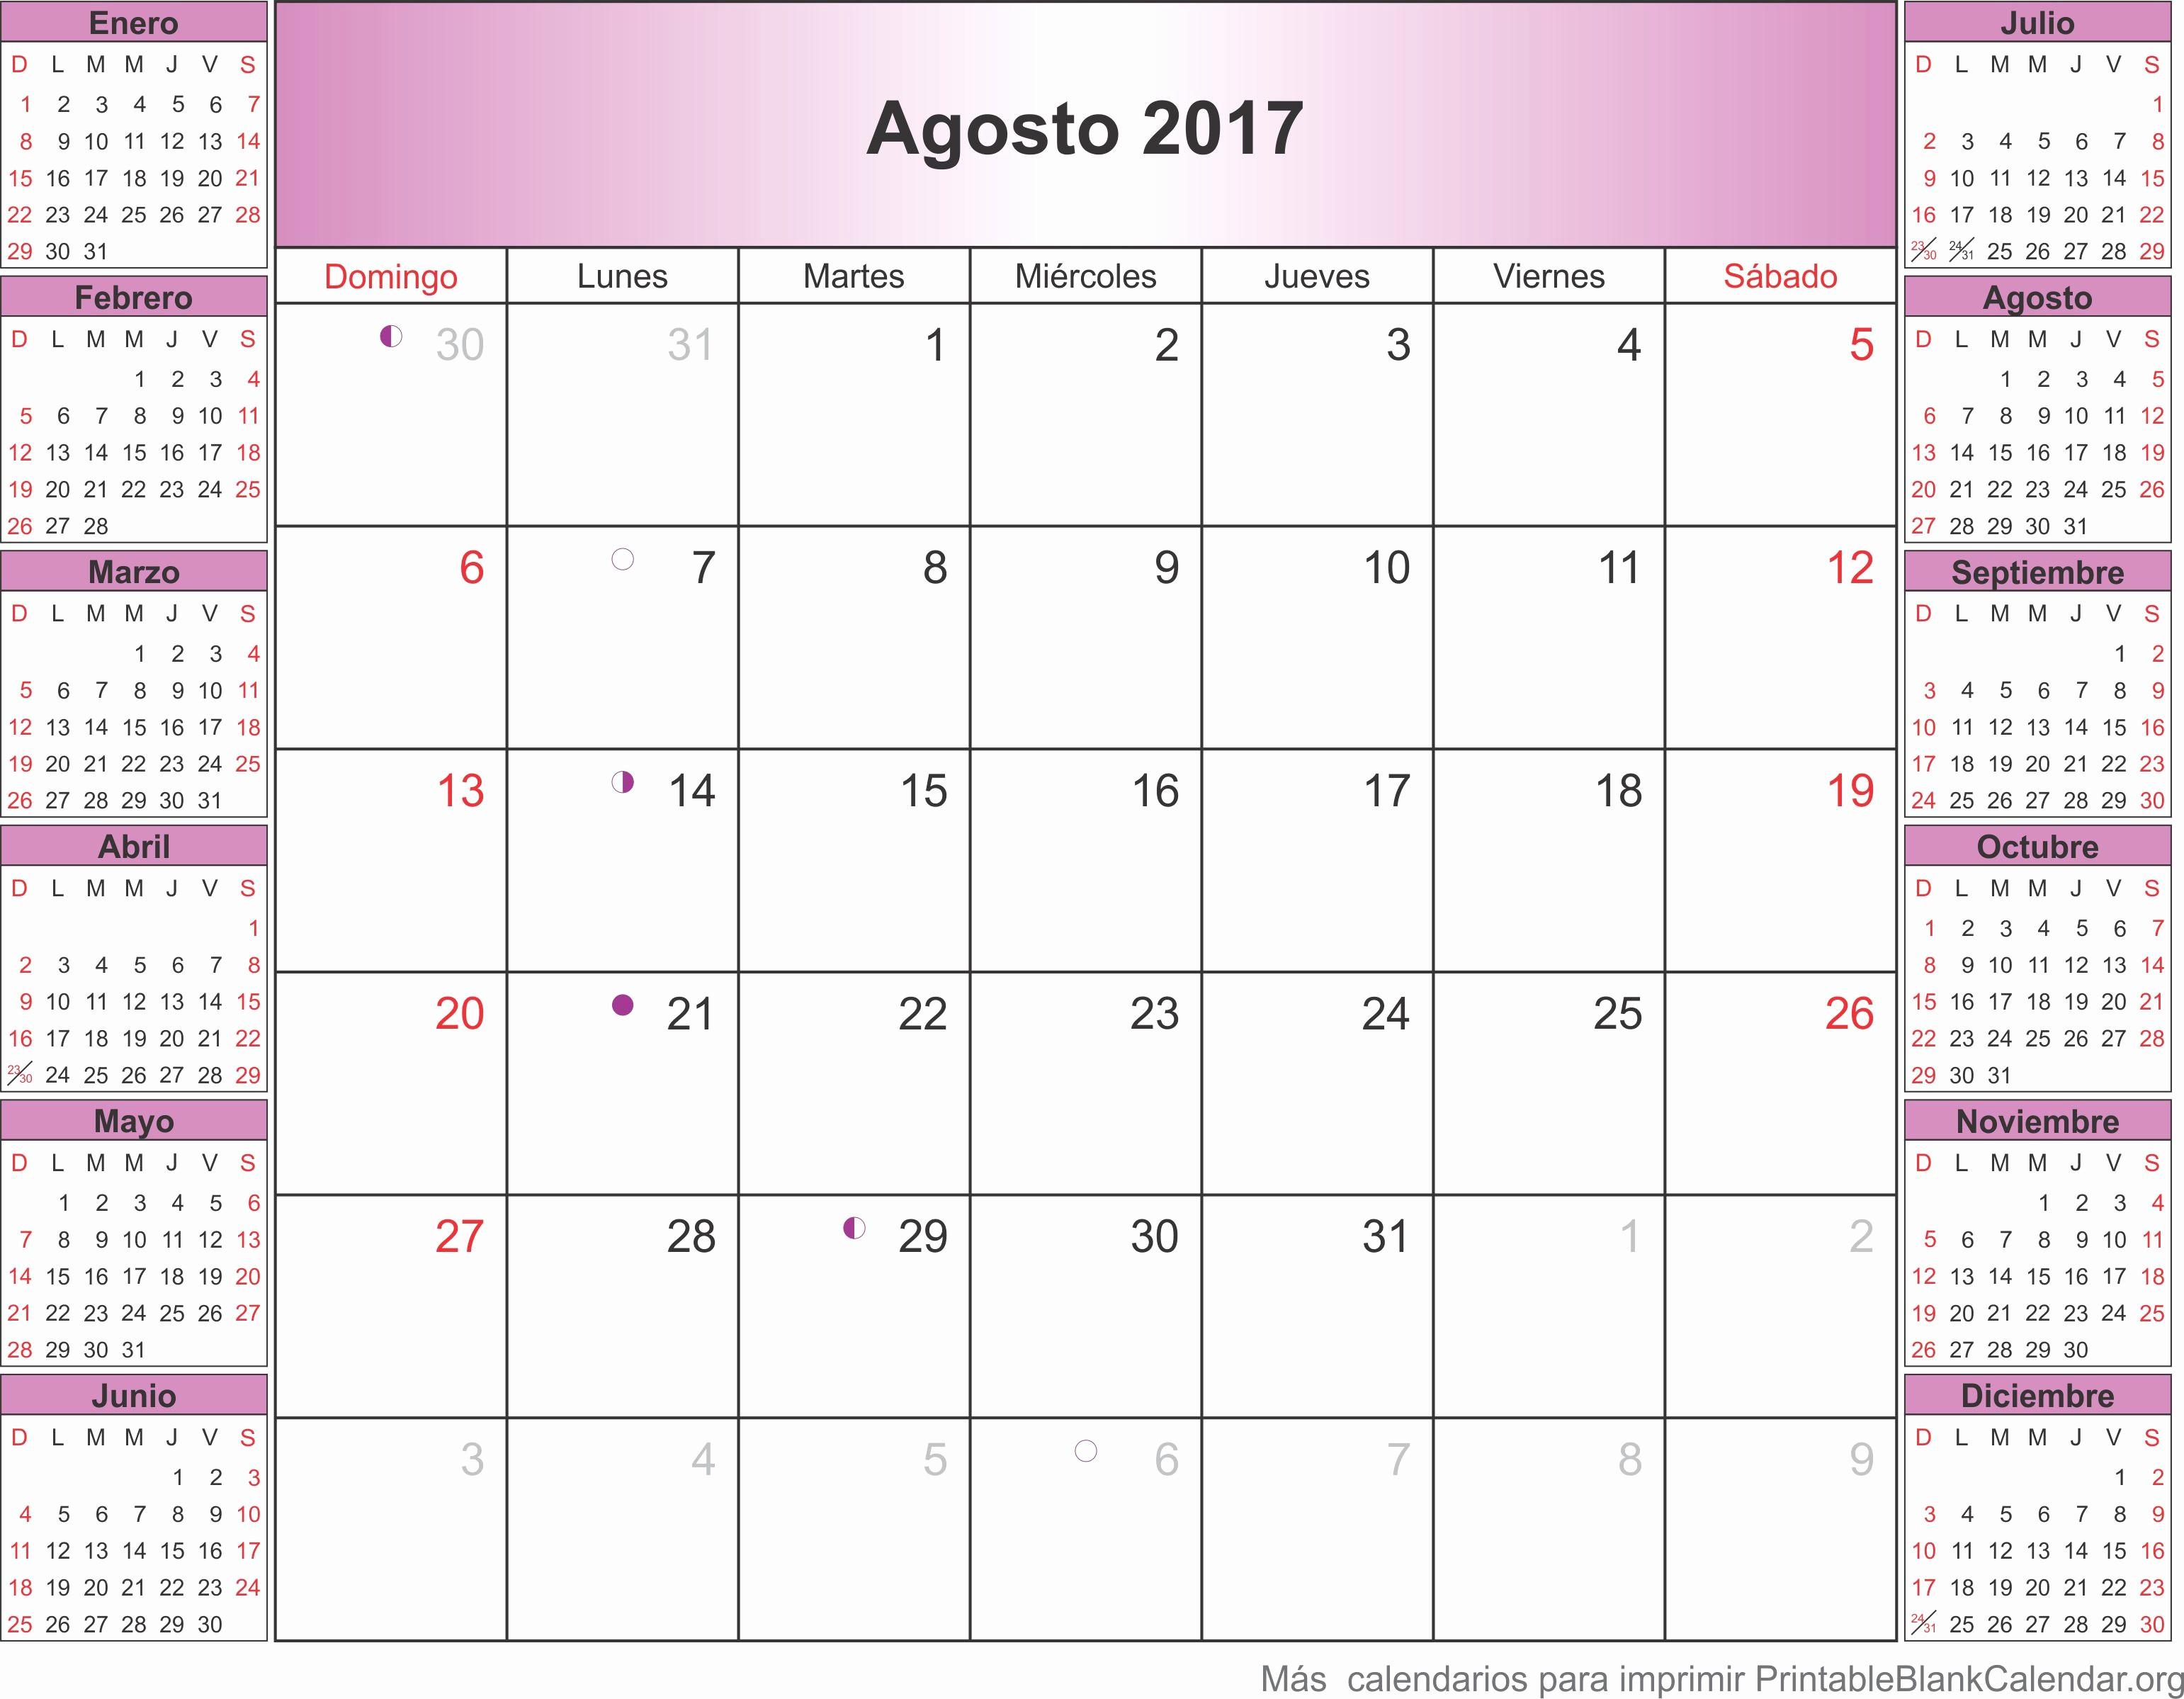 Calendario Diciembre 2017 Para Imprimir Best Of Agosto Calendario 2017 Related Keywords Agosto